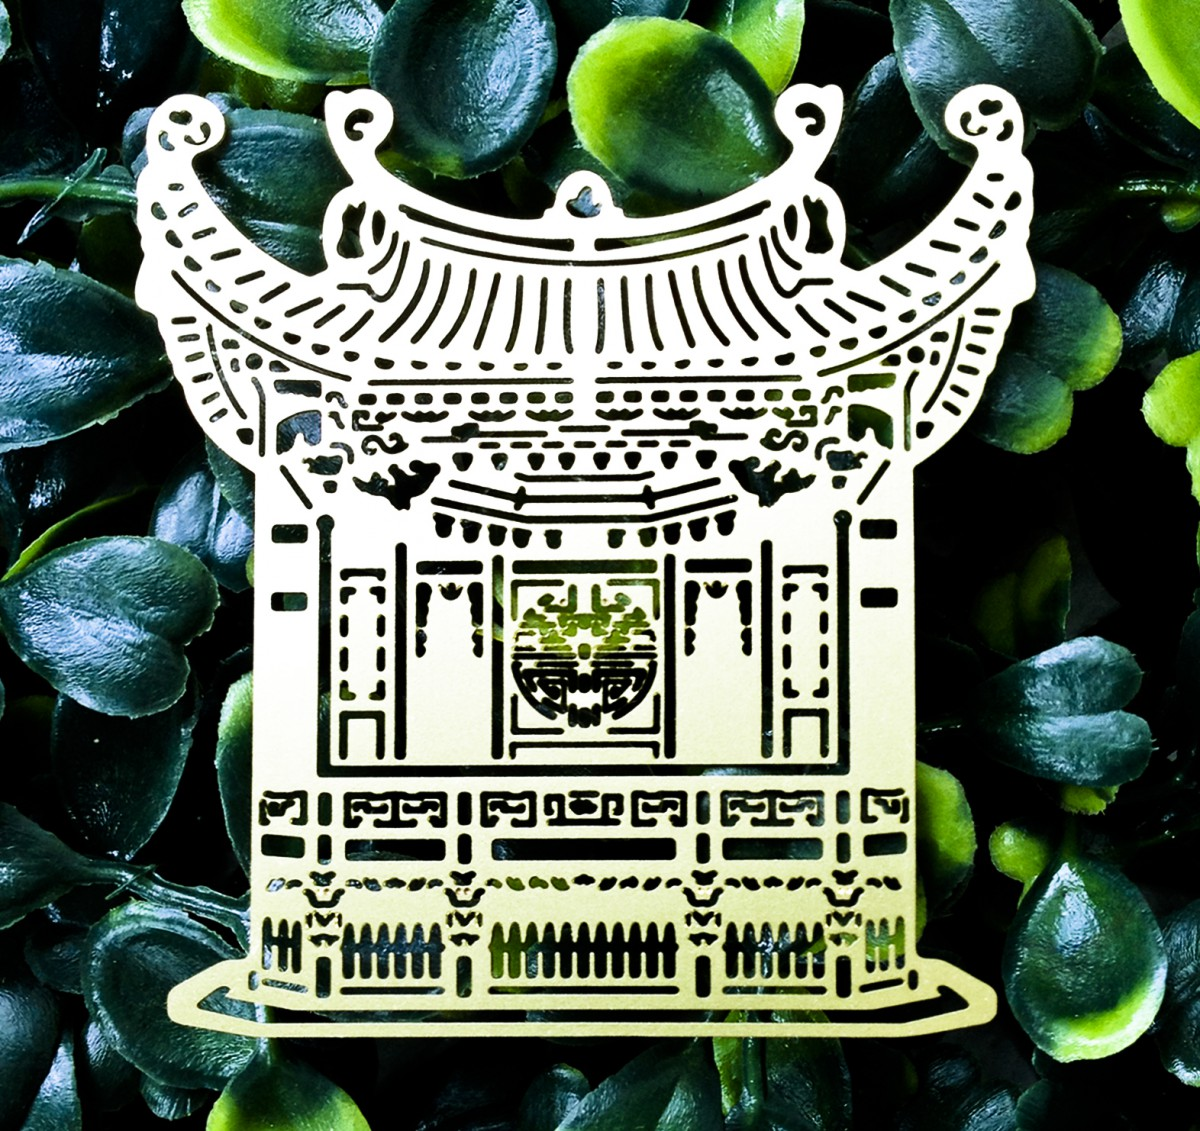 xin_-da_hua_ting_xi_tai_shu_qian_-2.jpg